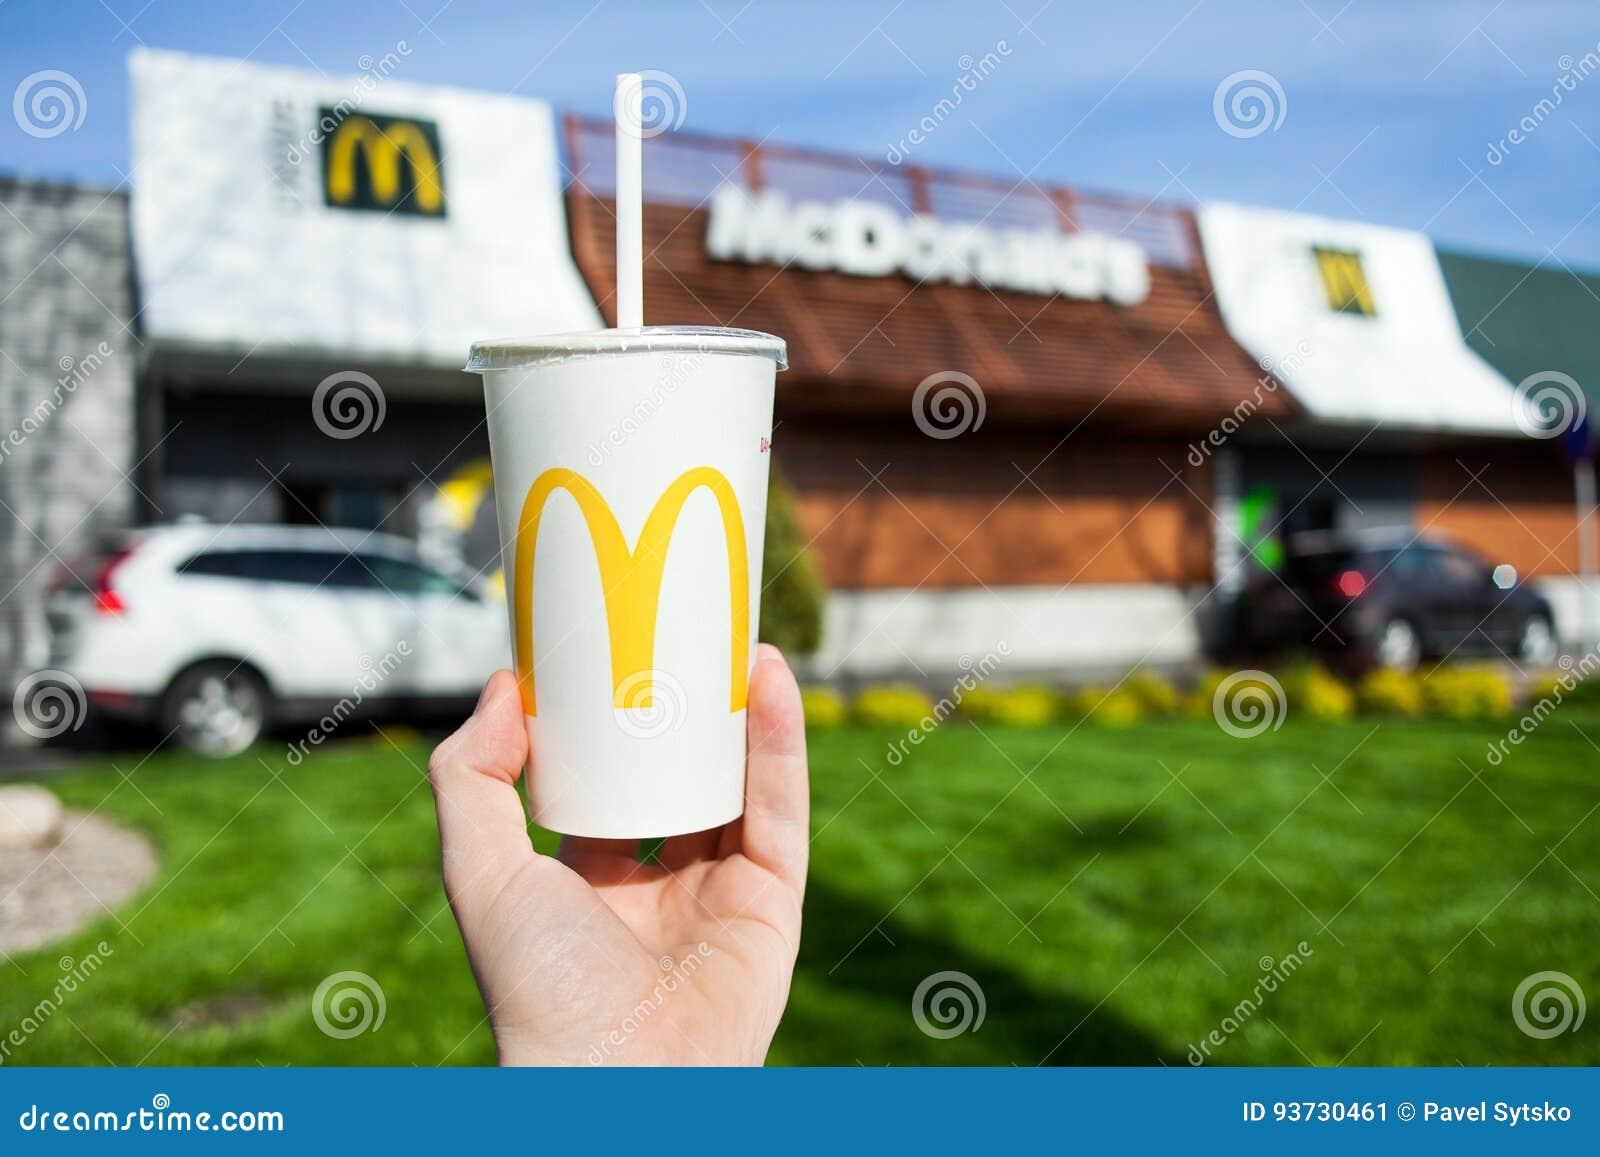 米斯克,白俄罗斯,可以18日2017年:麦克唐纳` s软饮料纸杯有模糊的麦克唐纳` s餐馆背景